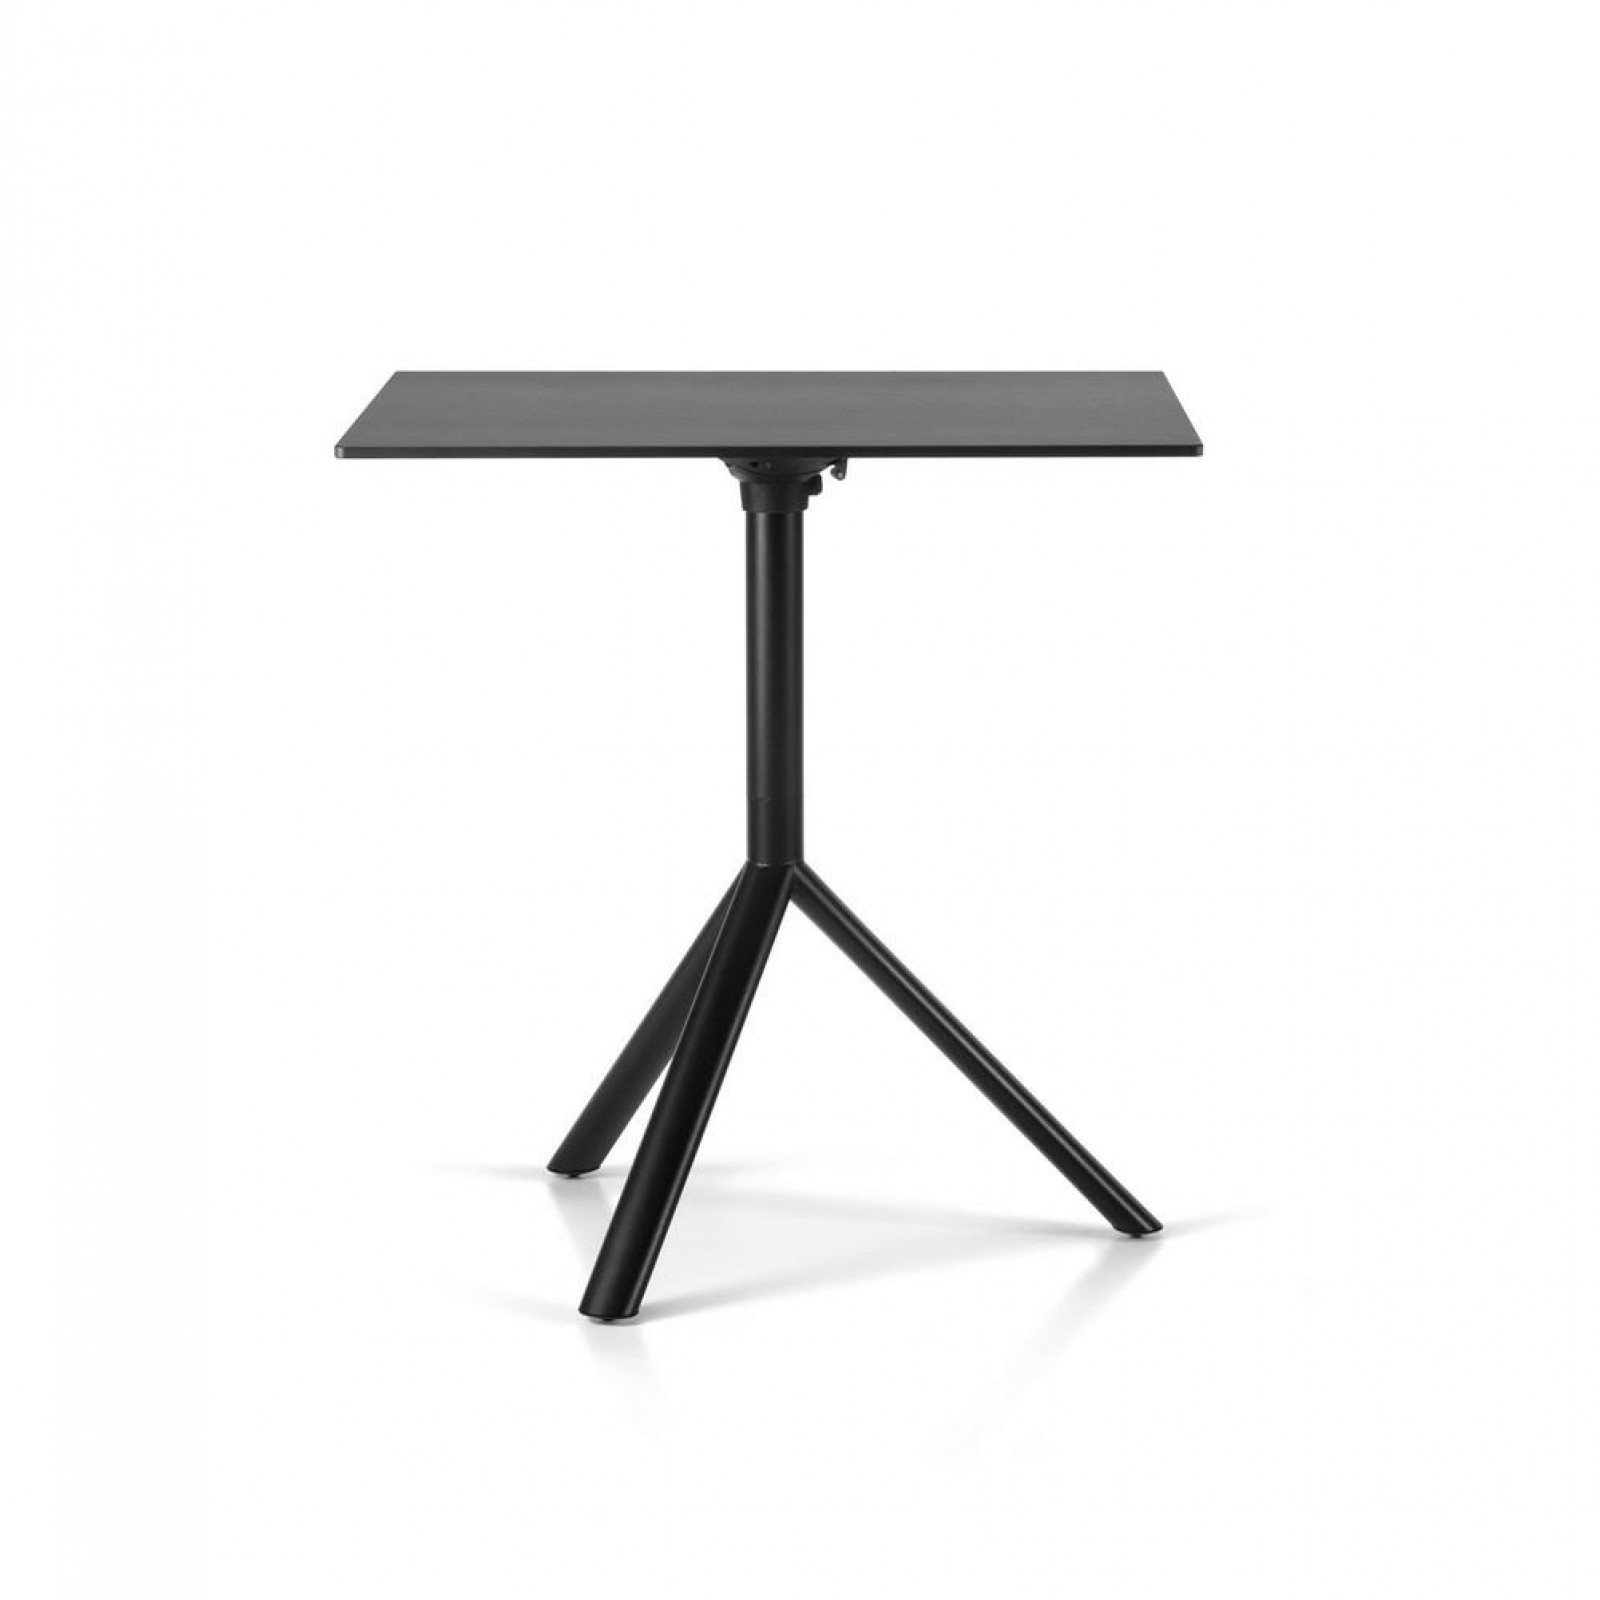 MIURA Square Table - PLANK